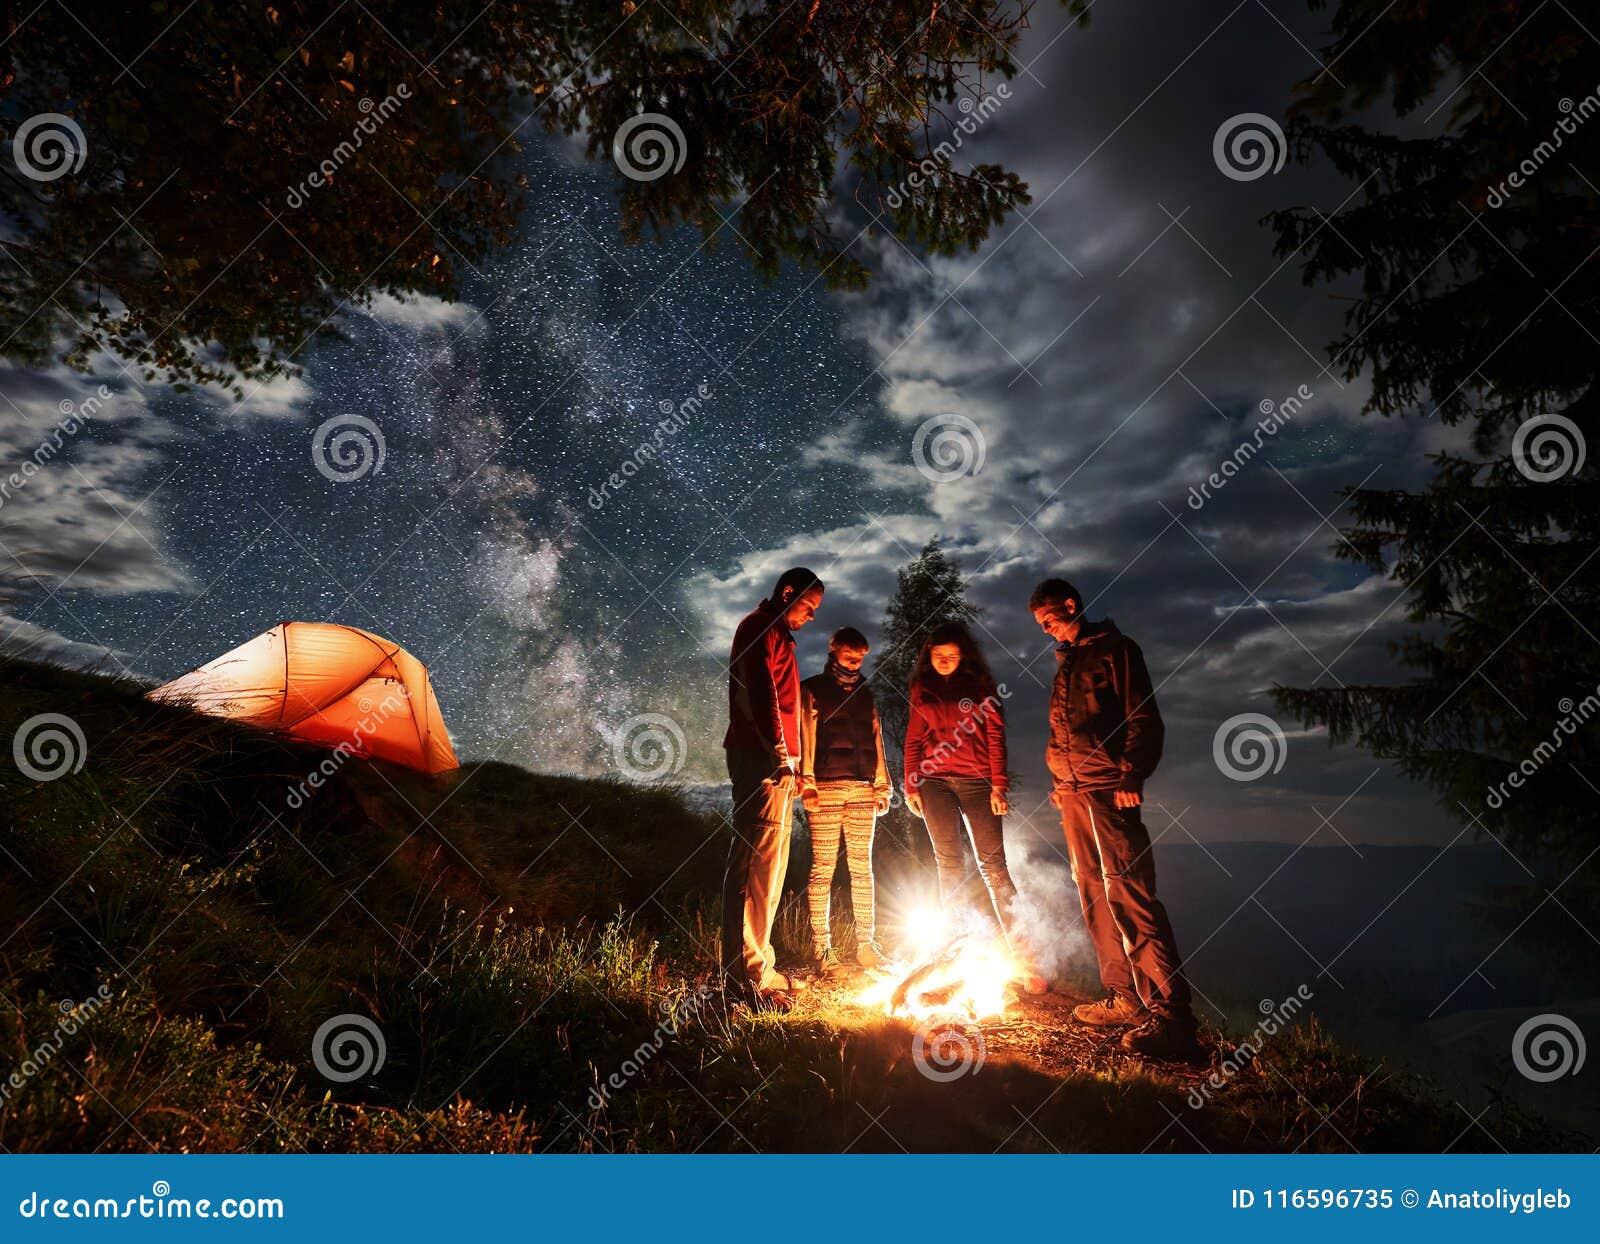 Gruppen av unga turister står runt om branden nära tältet under den molniga himlen med den mjölkaktiga vägen